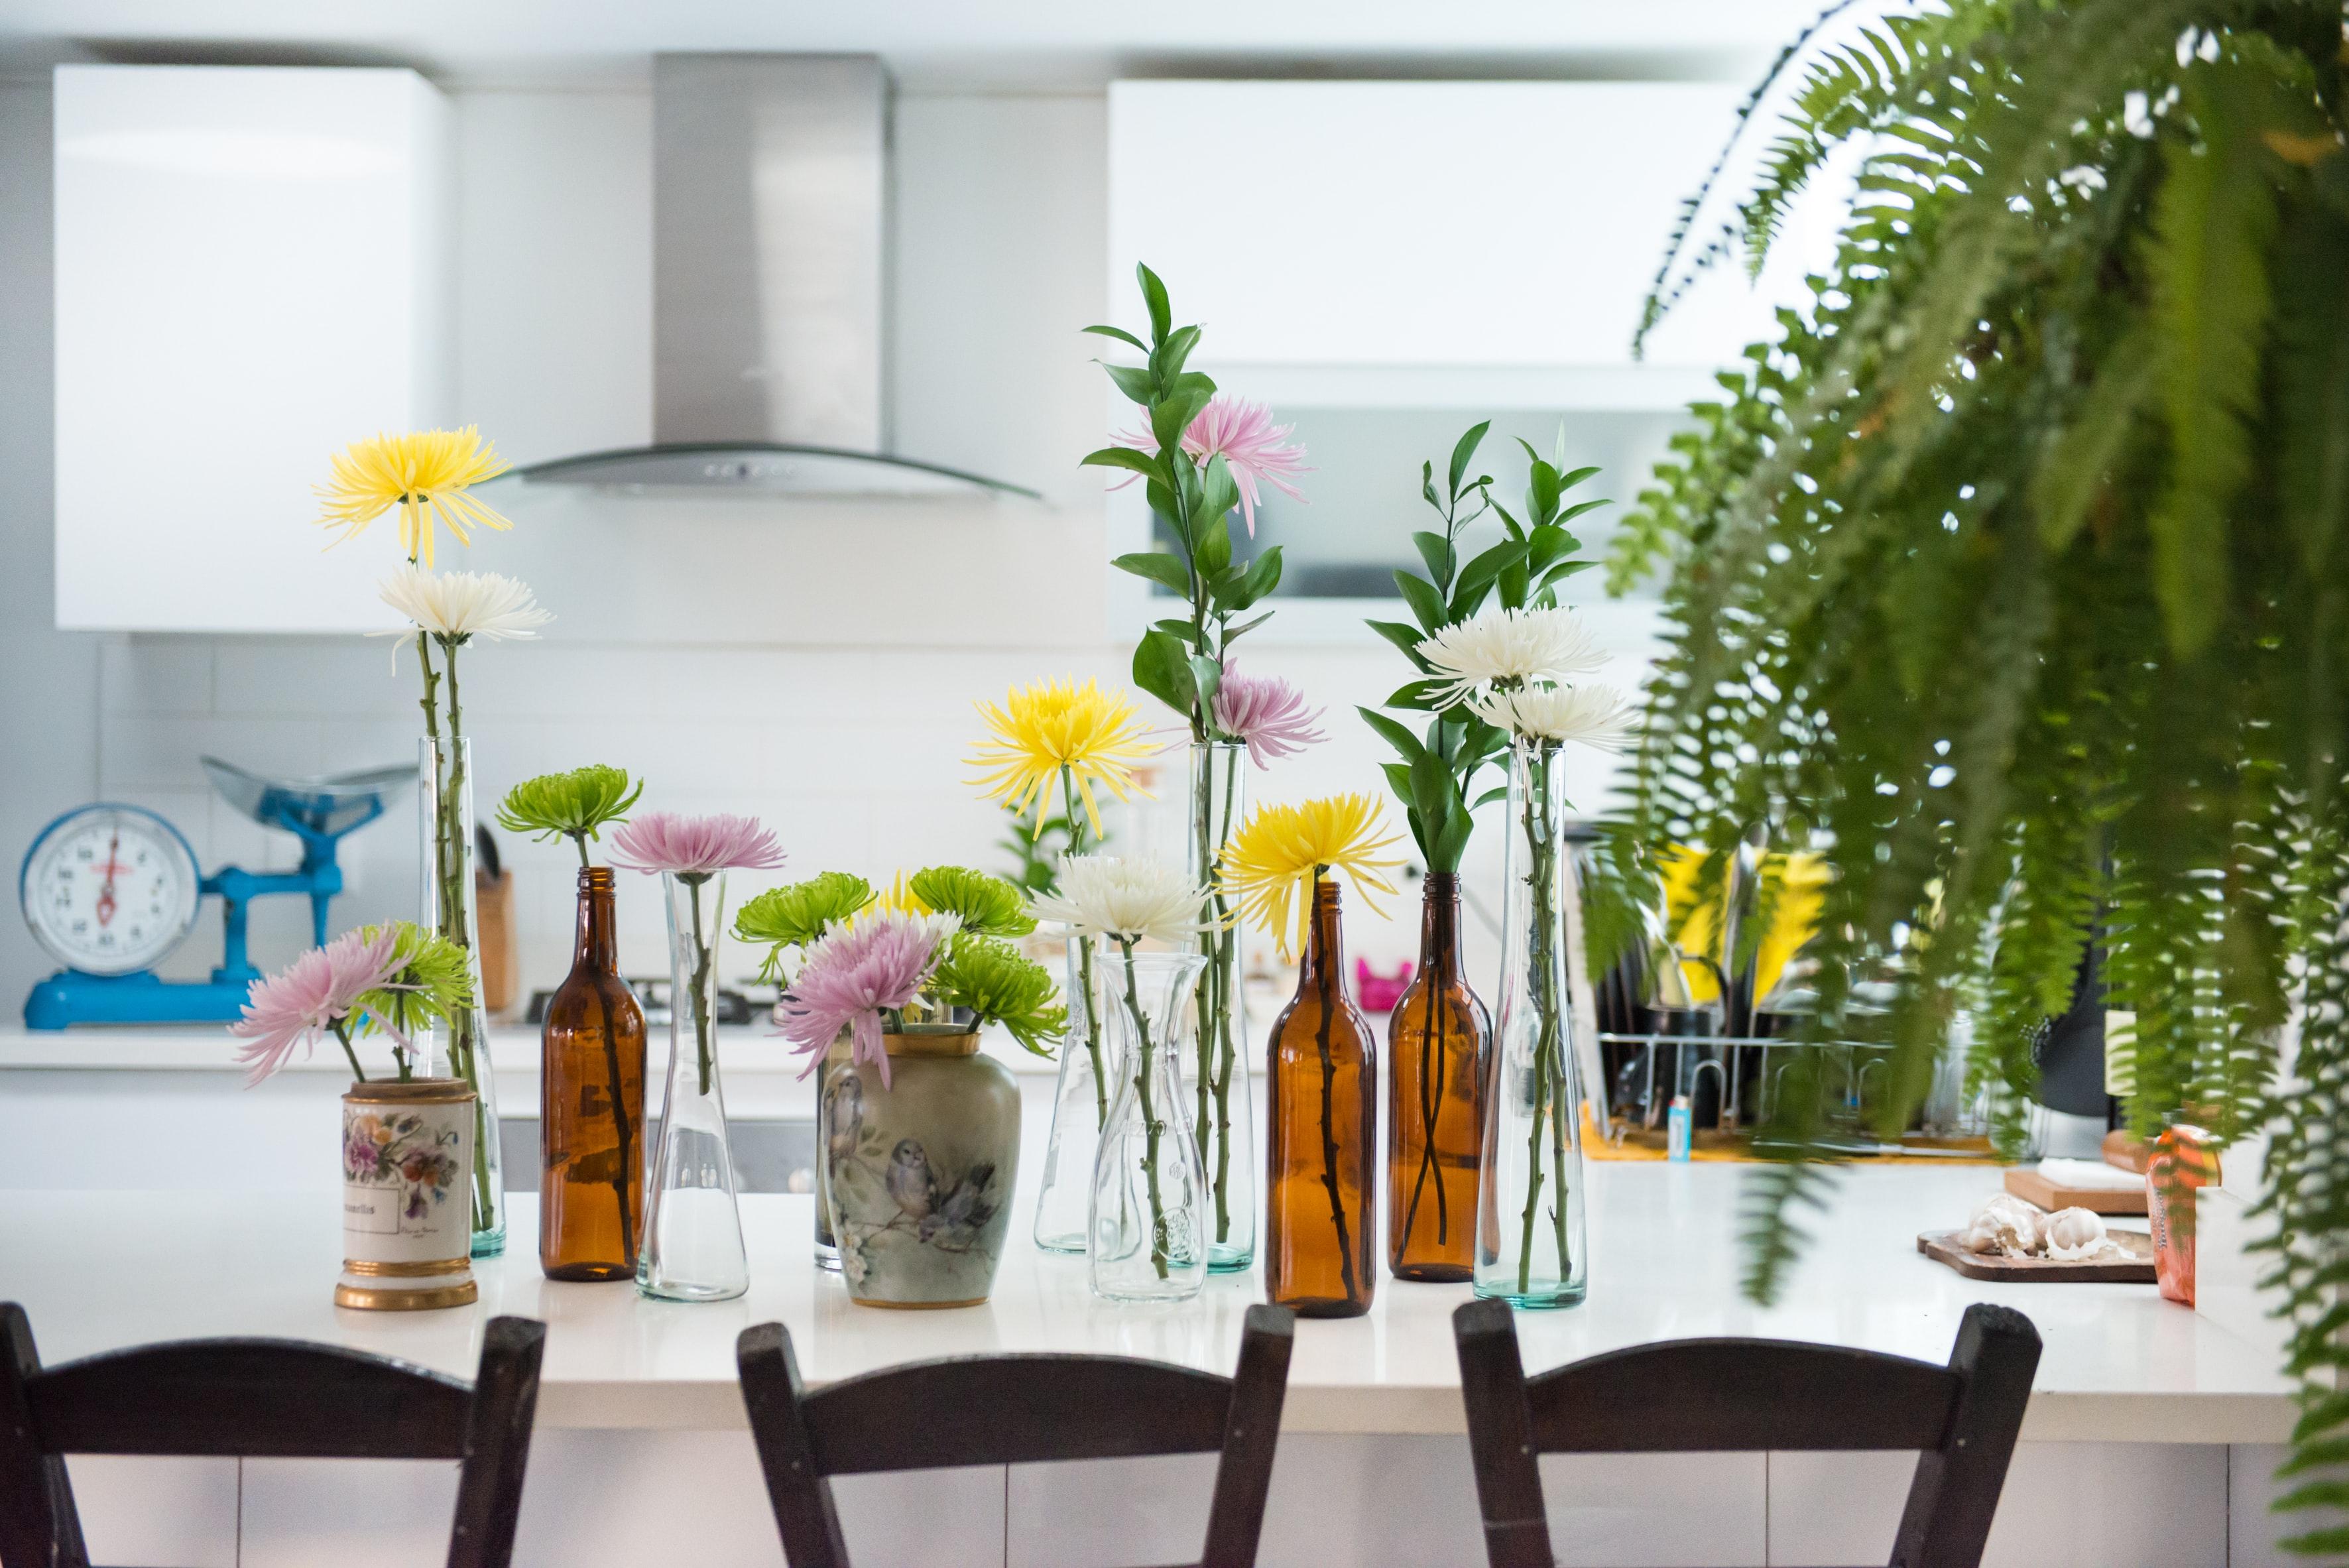 printemps -fleurs-deco-maison